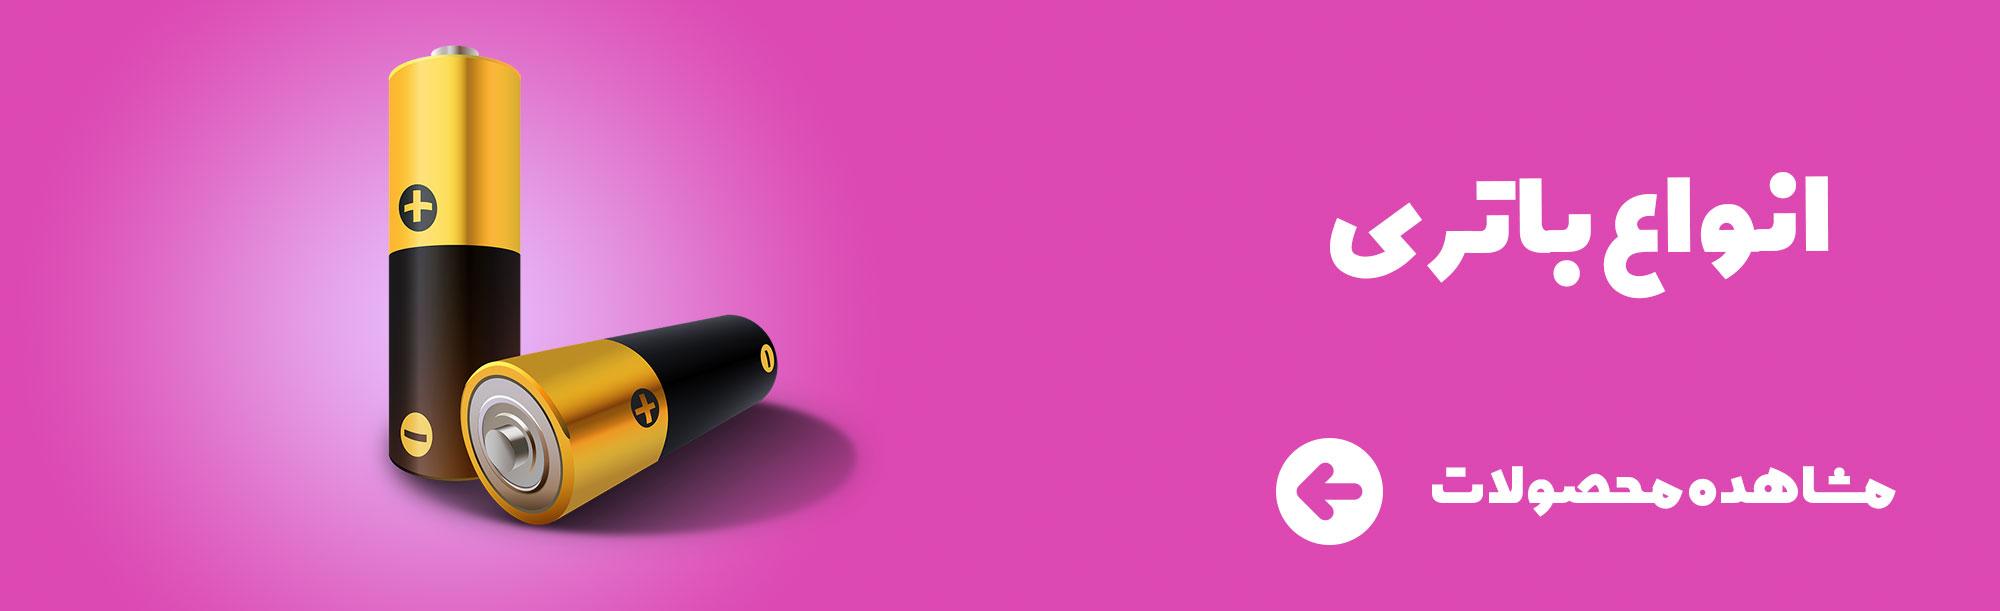 فروش انواع باتری نوین سلر